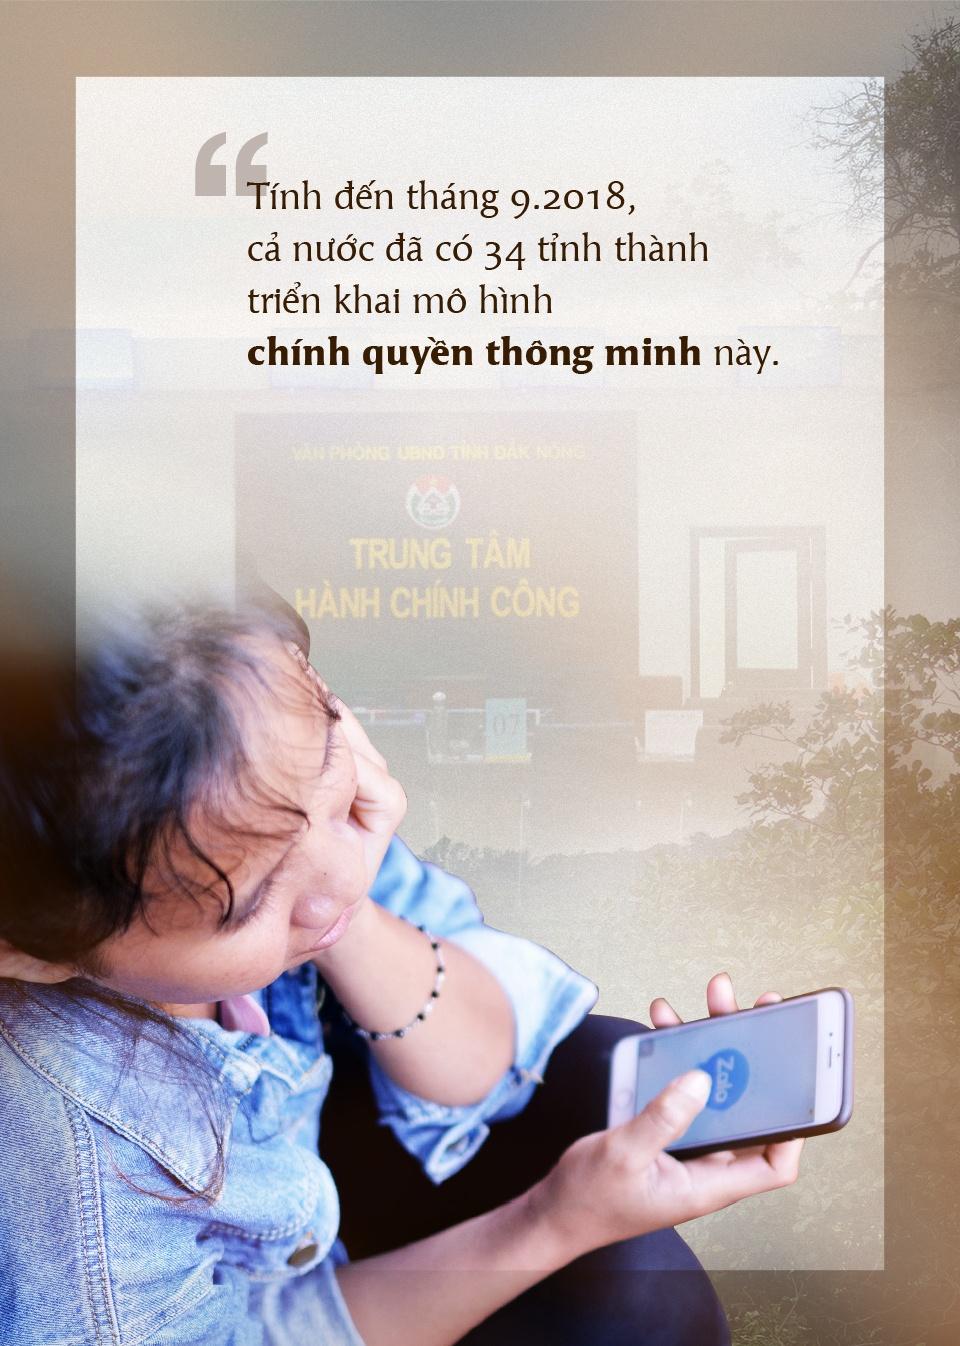 nguoi M'Nong,  Ol Bu Tung,  Zalo,  Hanh chinh Cong anh 19